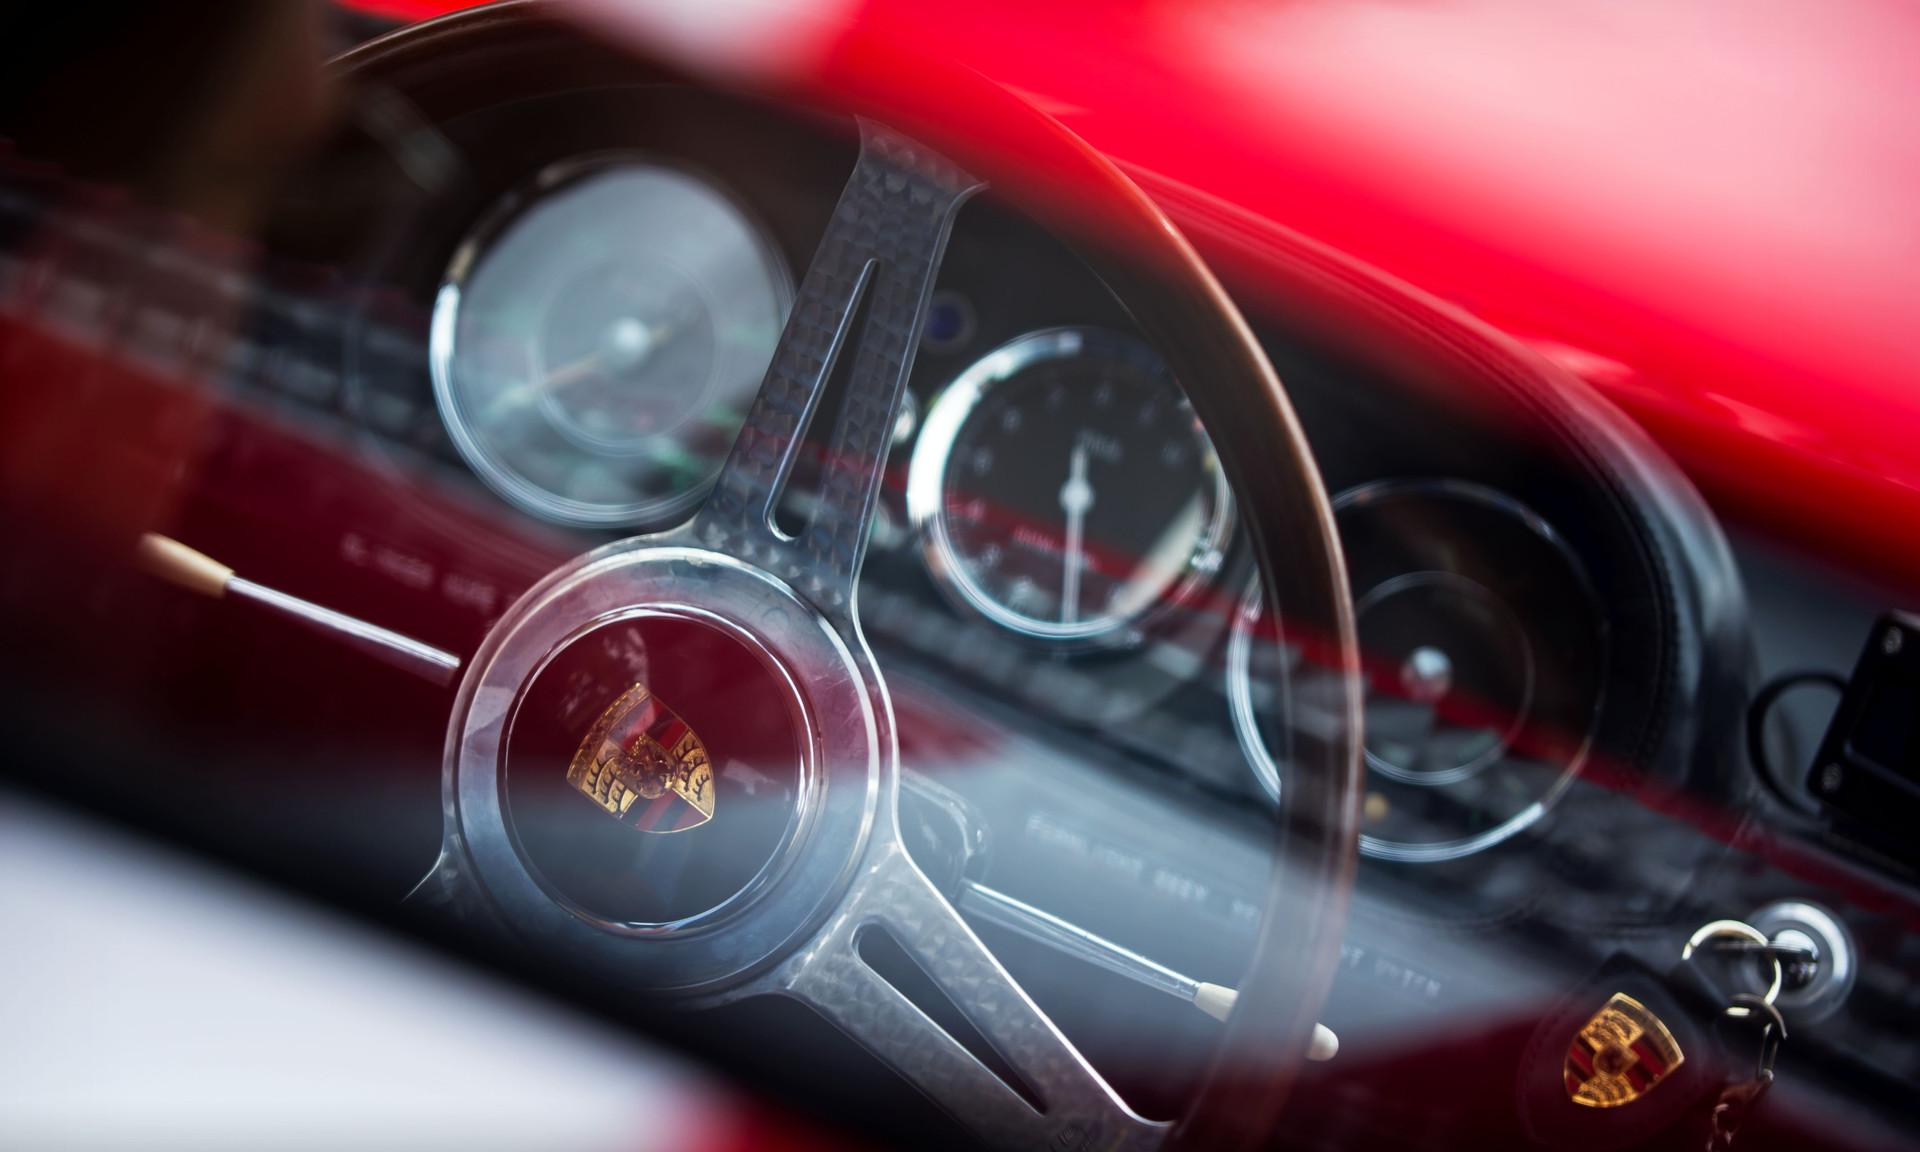 Rainer Becker & Richard Attwood's 1964 Porsche 904 Carrera GTS